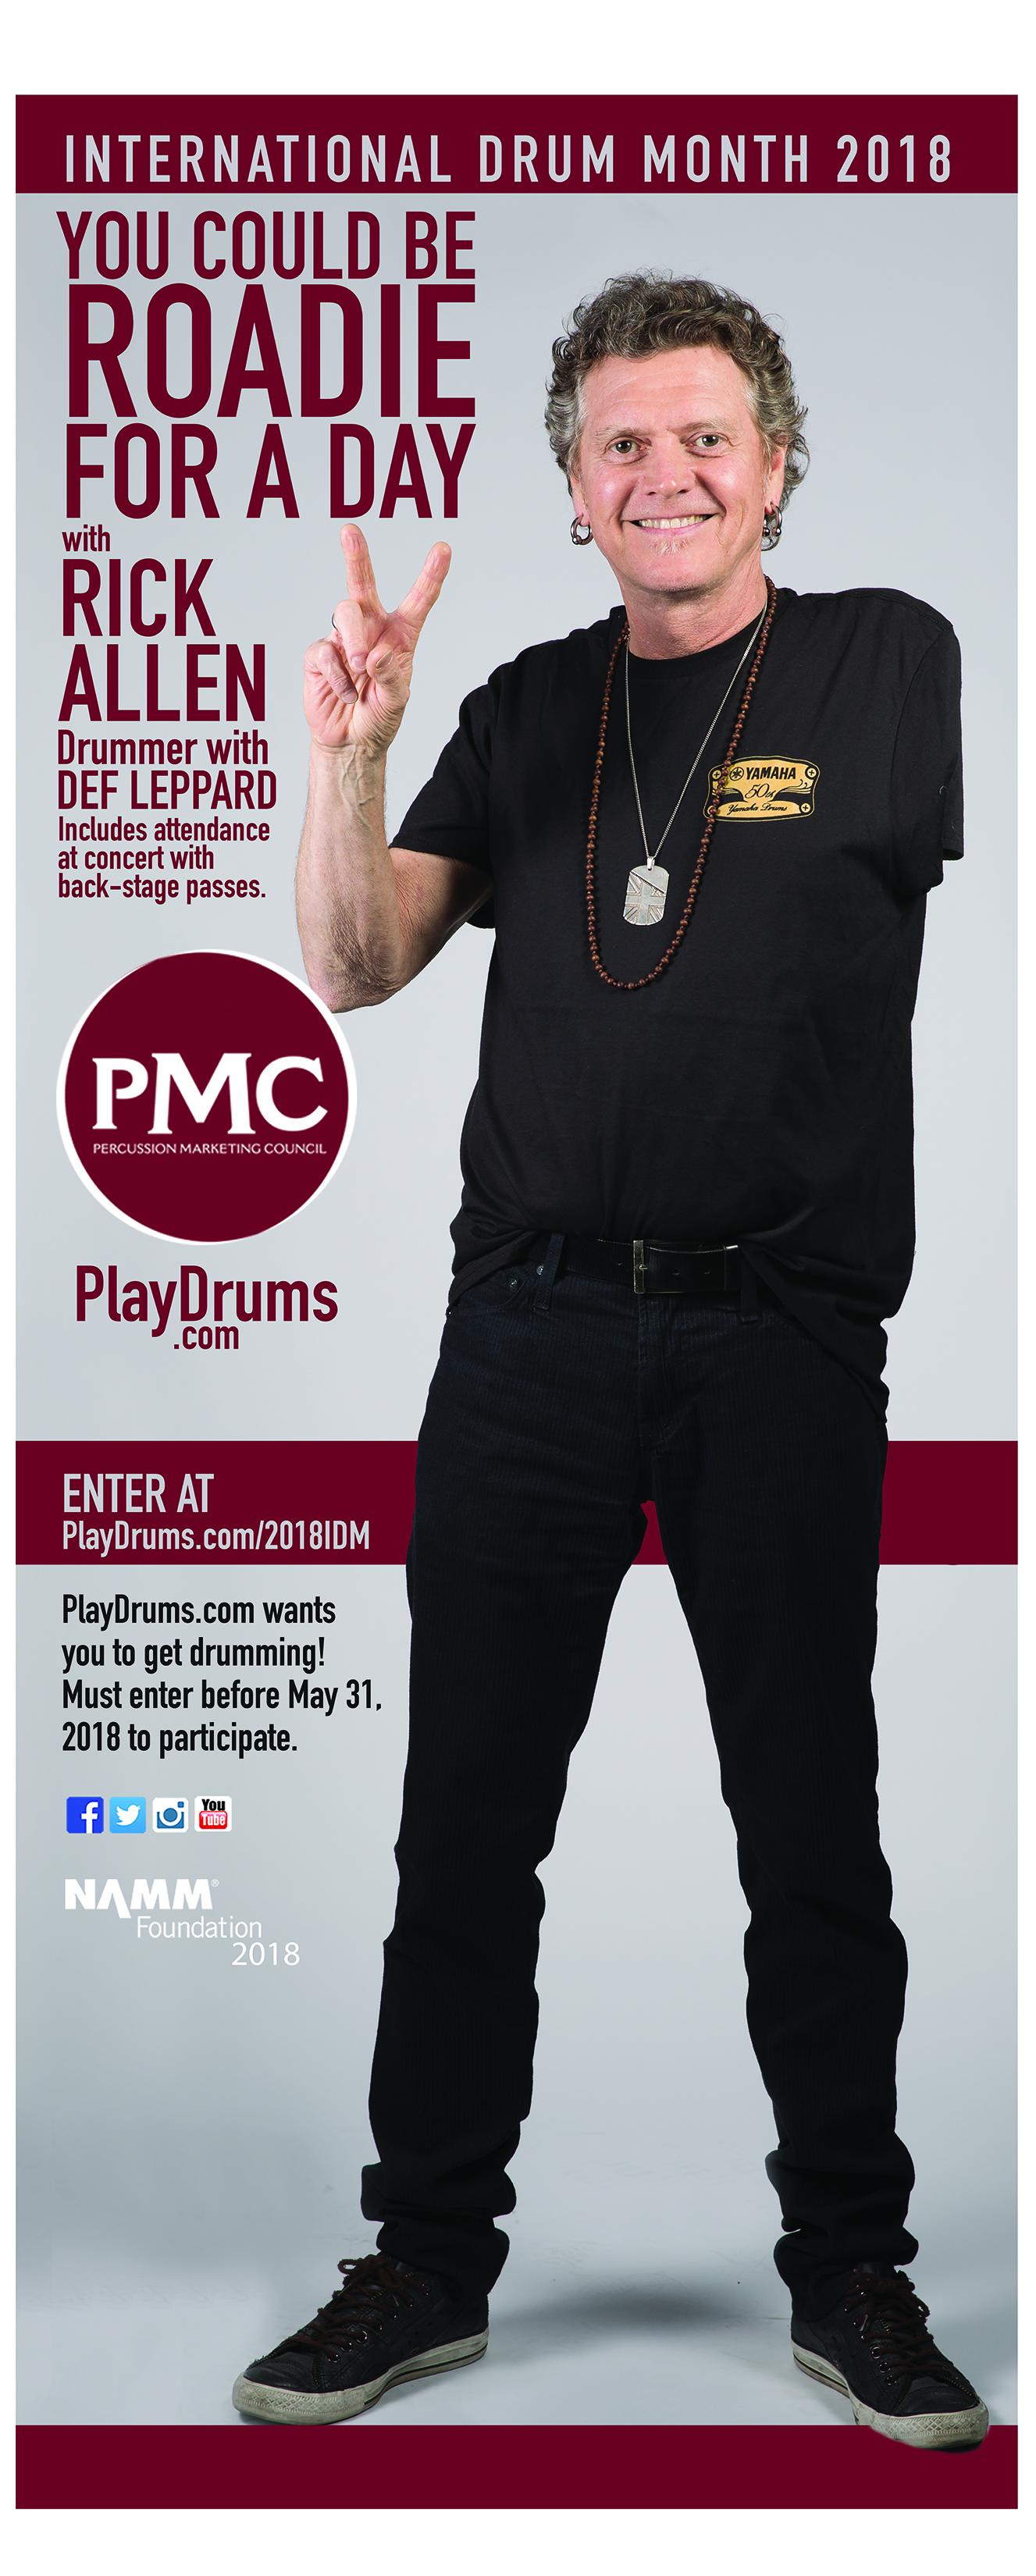 Rick Allen drummer for Def Leppard - International Drum Month 2018